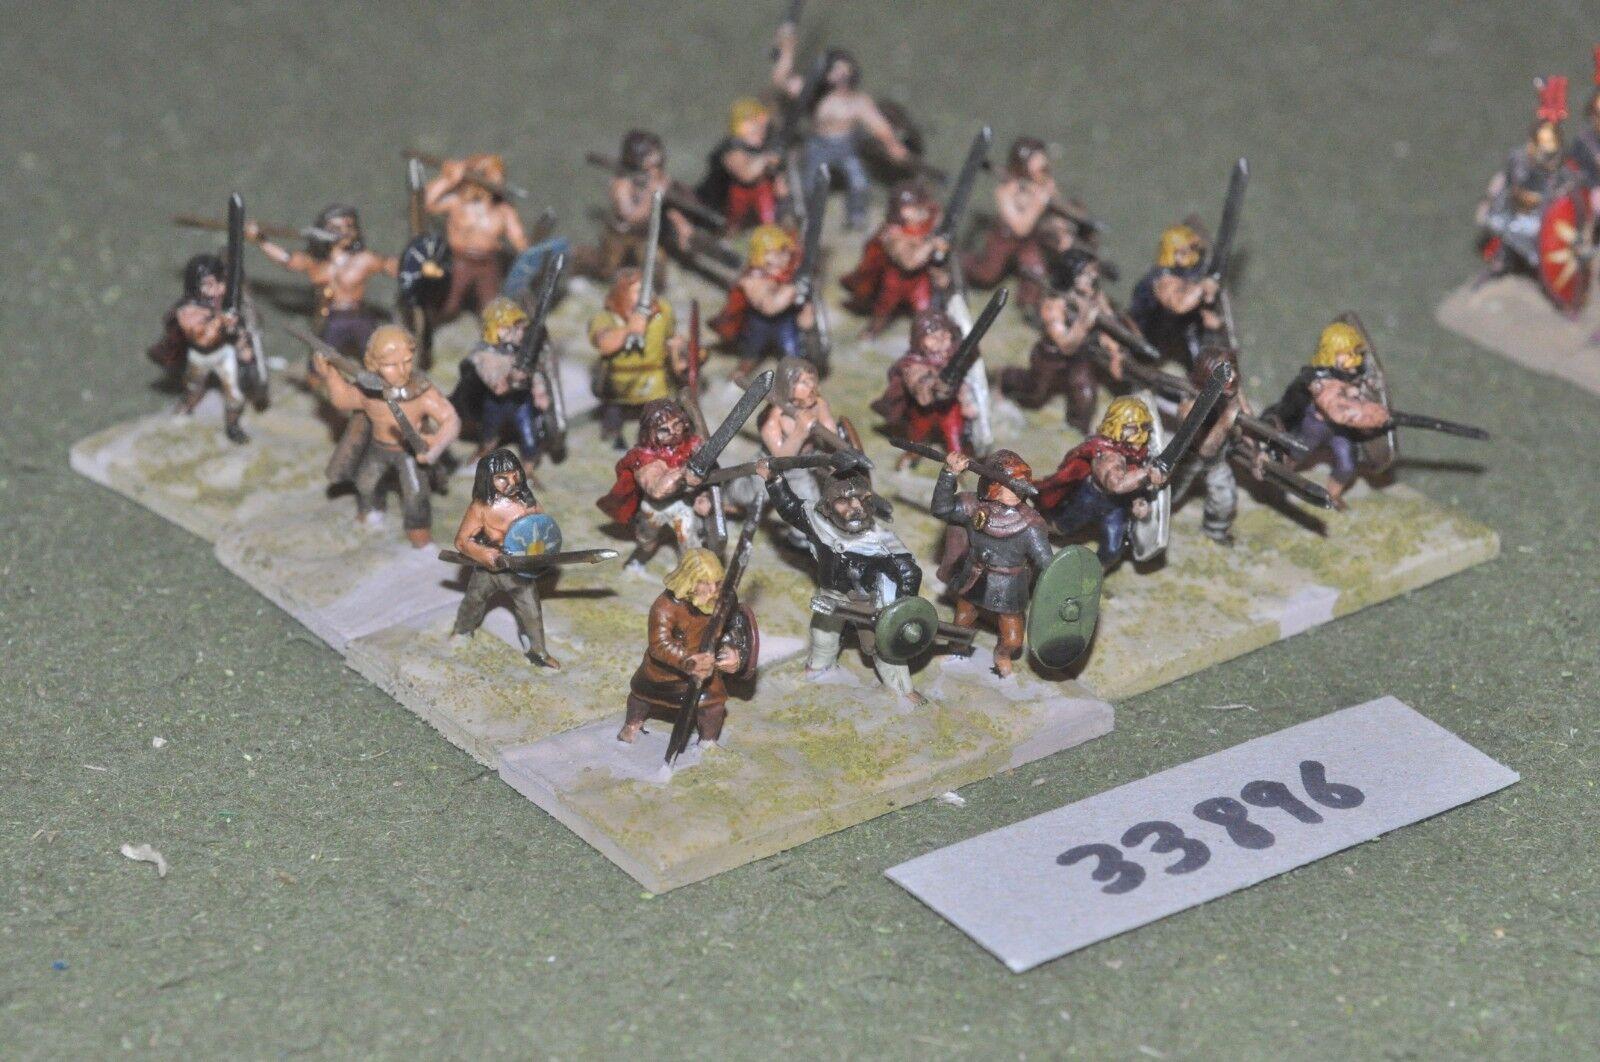 25mm roman era   gaul - warriors 24 figures - inf (33896)